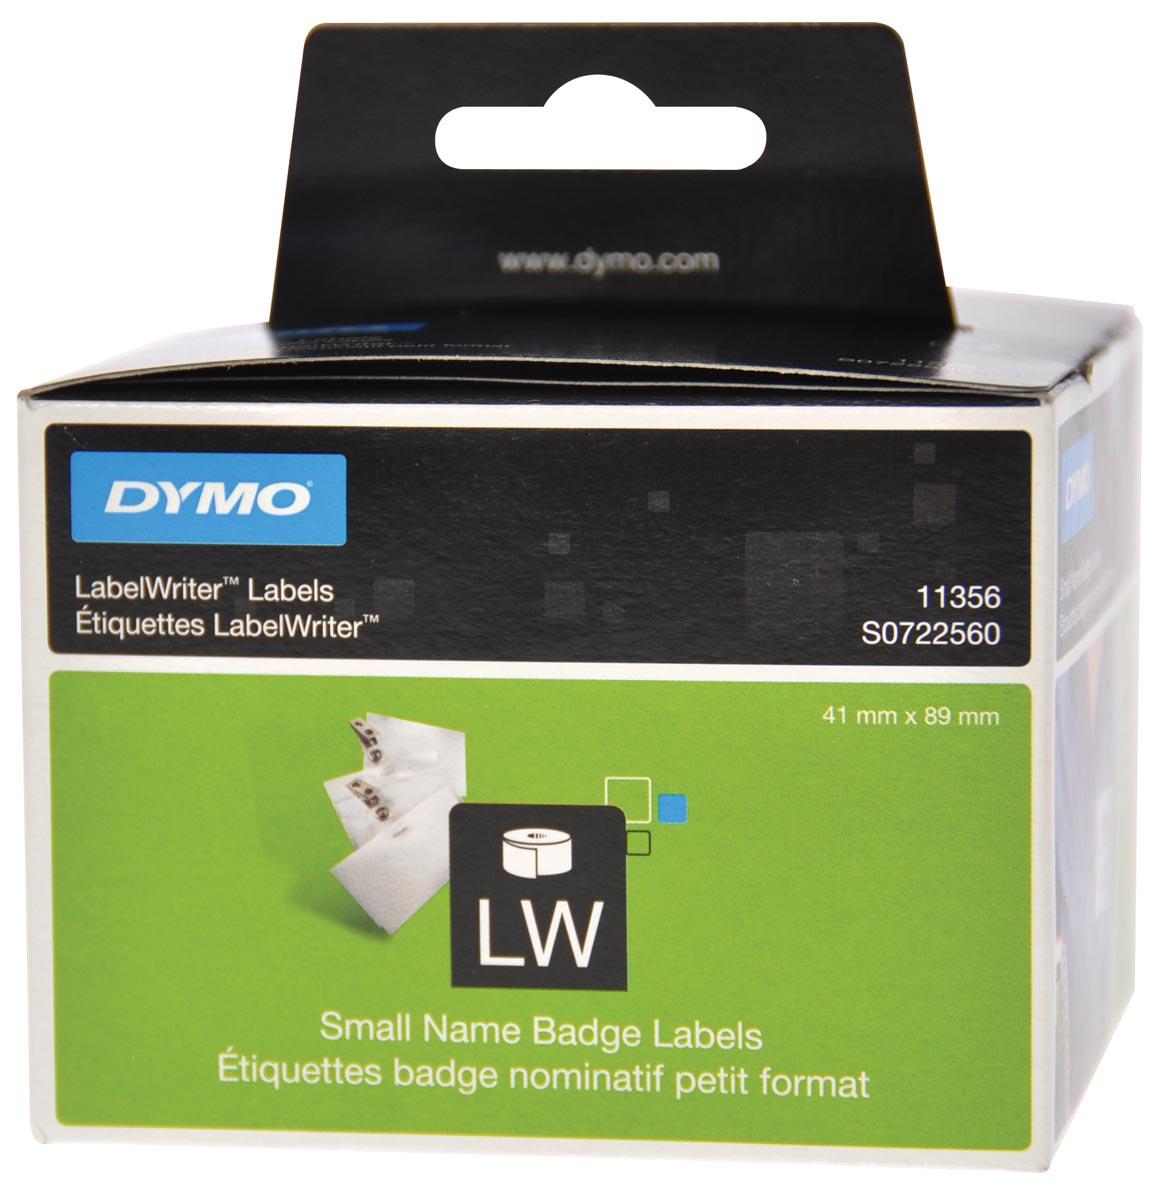 Dymo etiketten LabelWriter ft 89 x 41 mm, verwijderbaar, wit, 300 etiketten